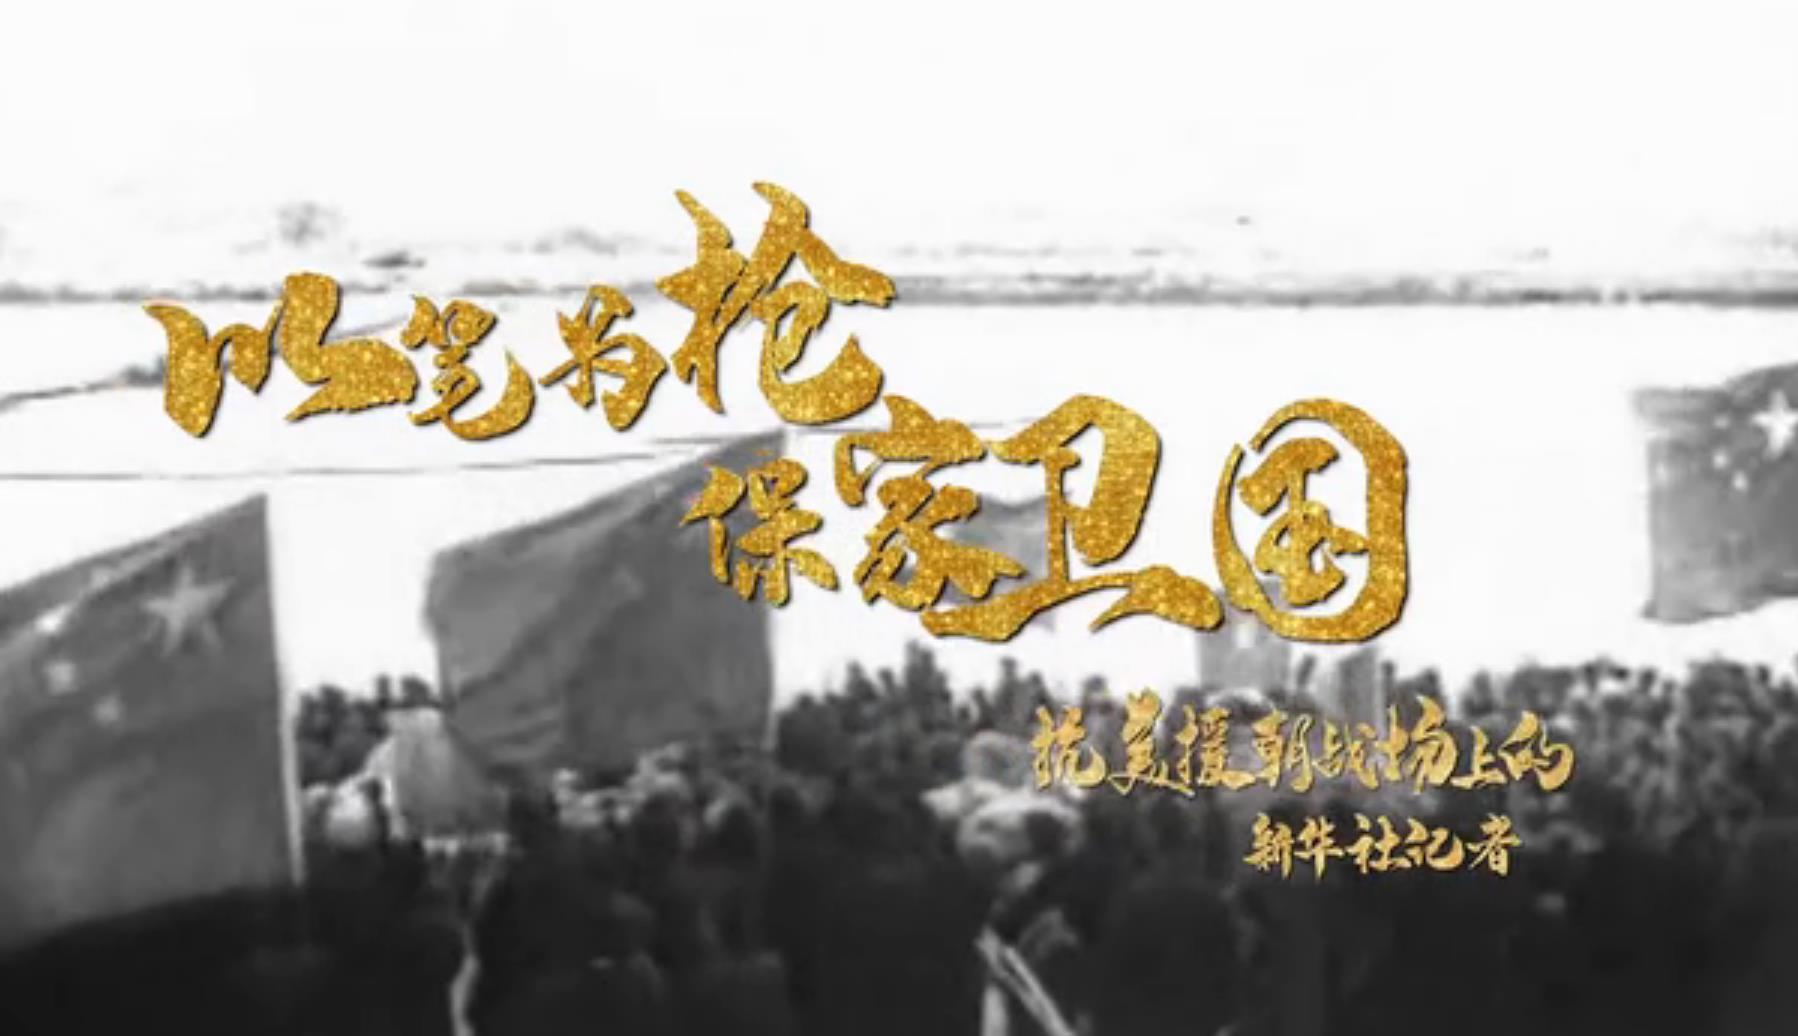 重磅微視頻:以筆為槍,保家衛國丨抗美援朝戰場上的新華人